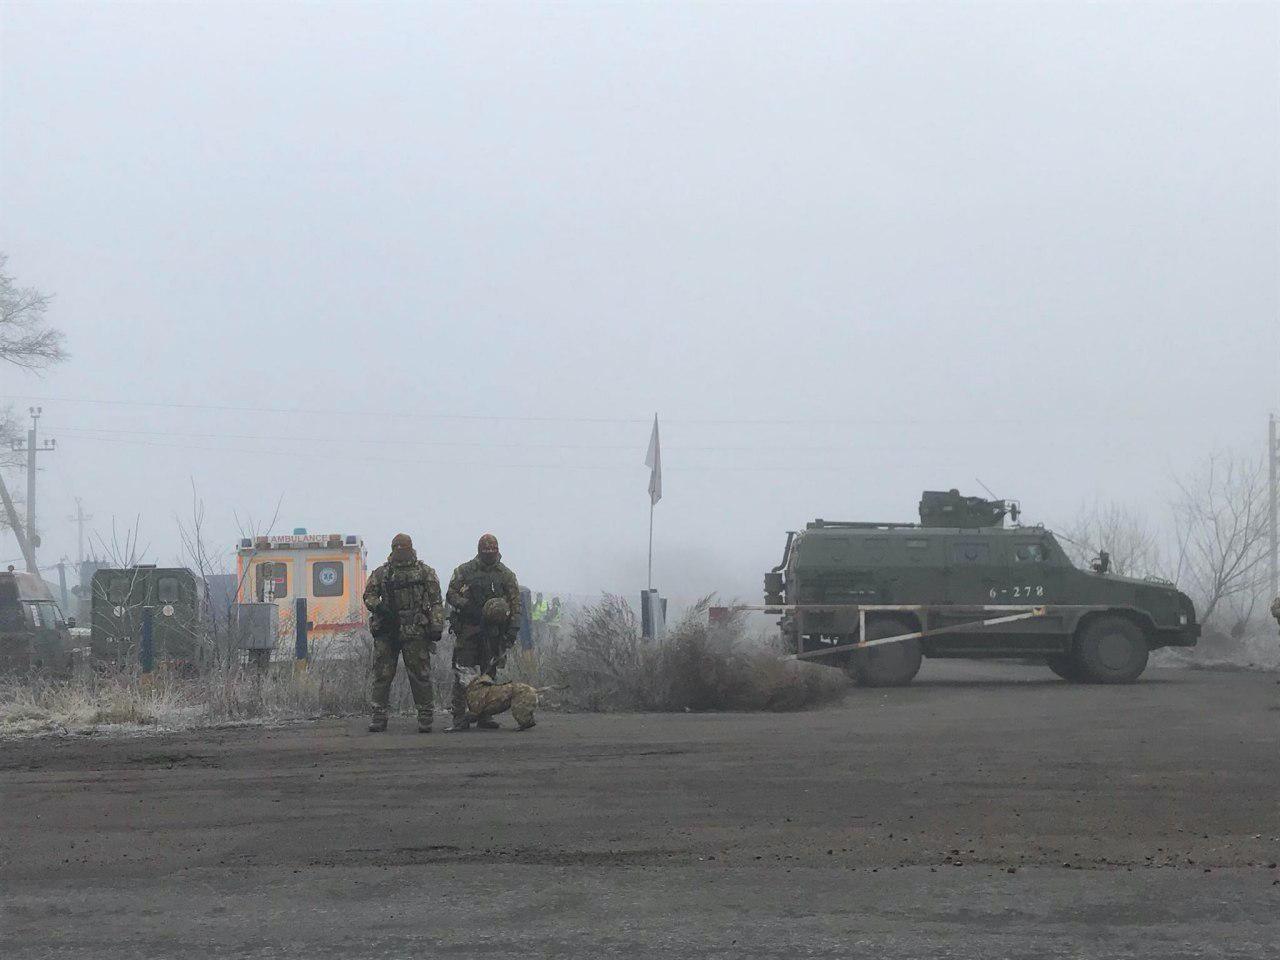 Обмен пленными между Украиной и ЛДНР - все подробности - фото 4